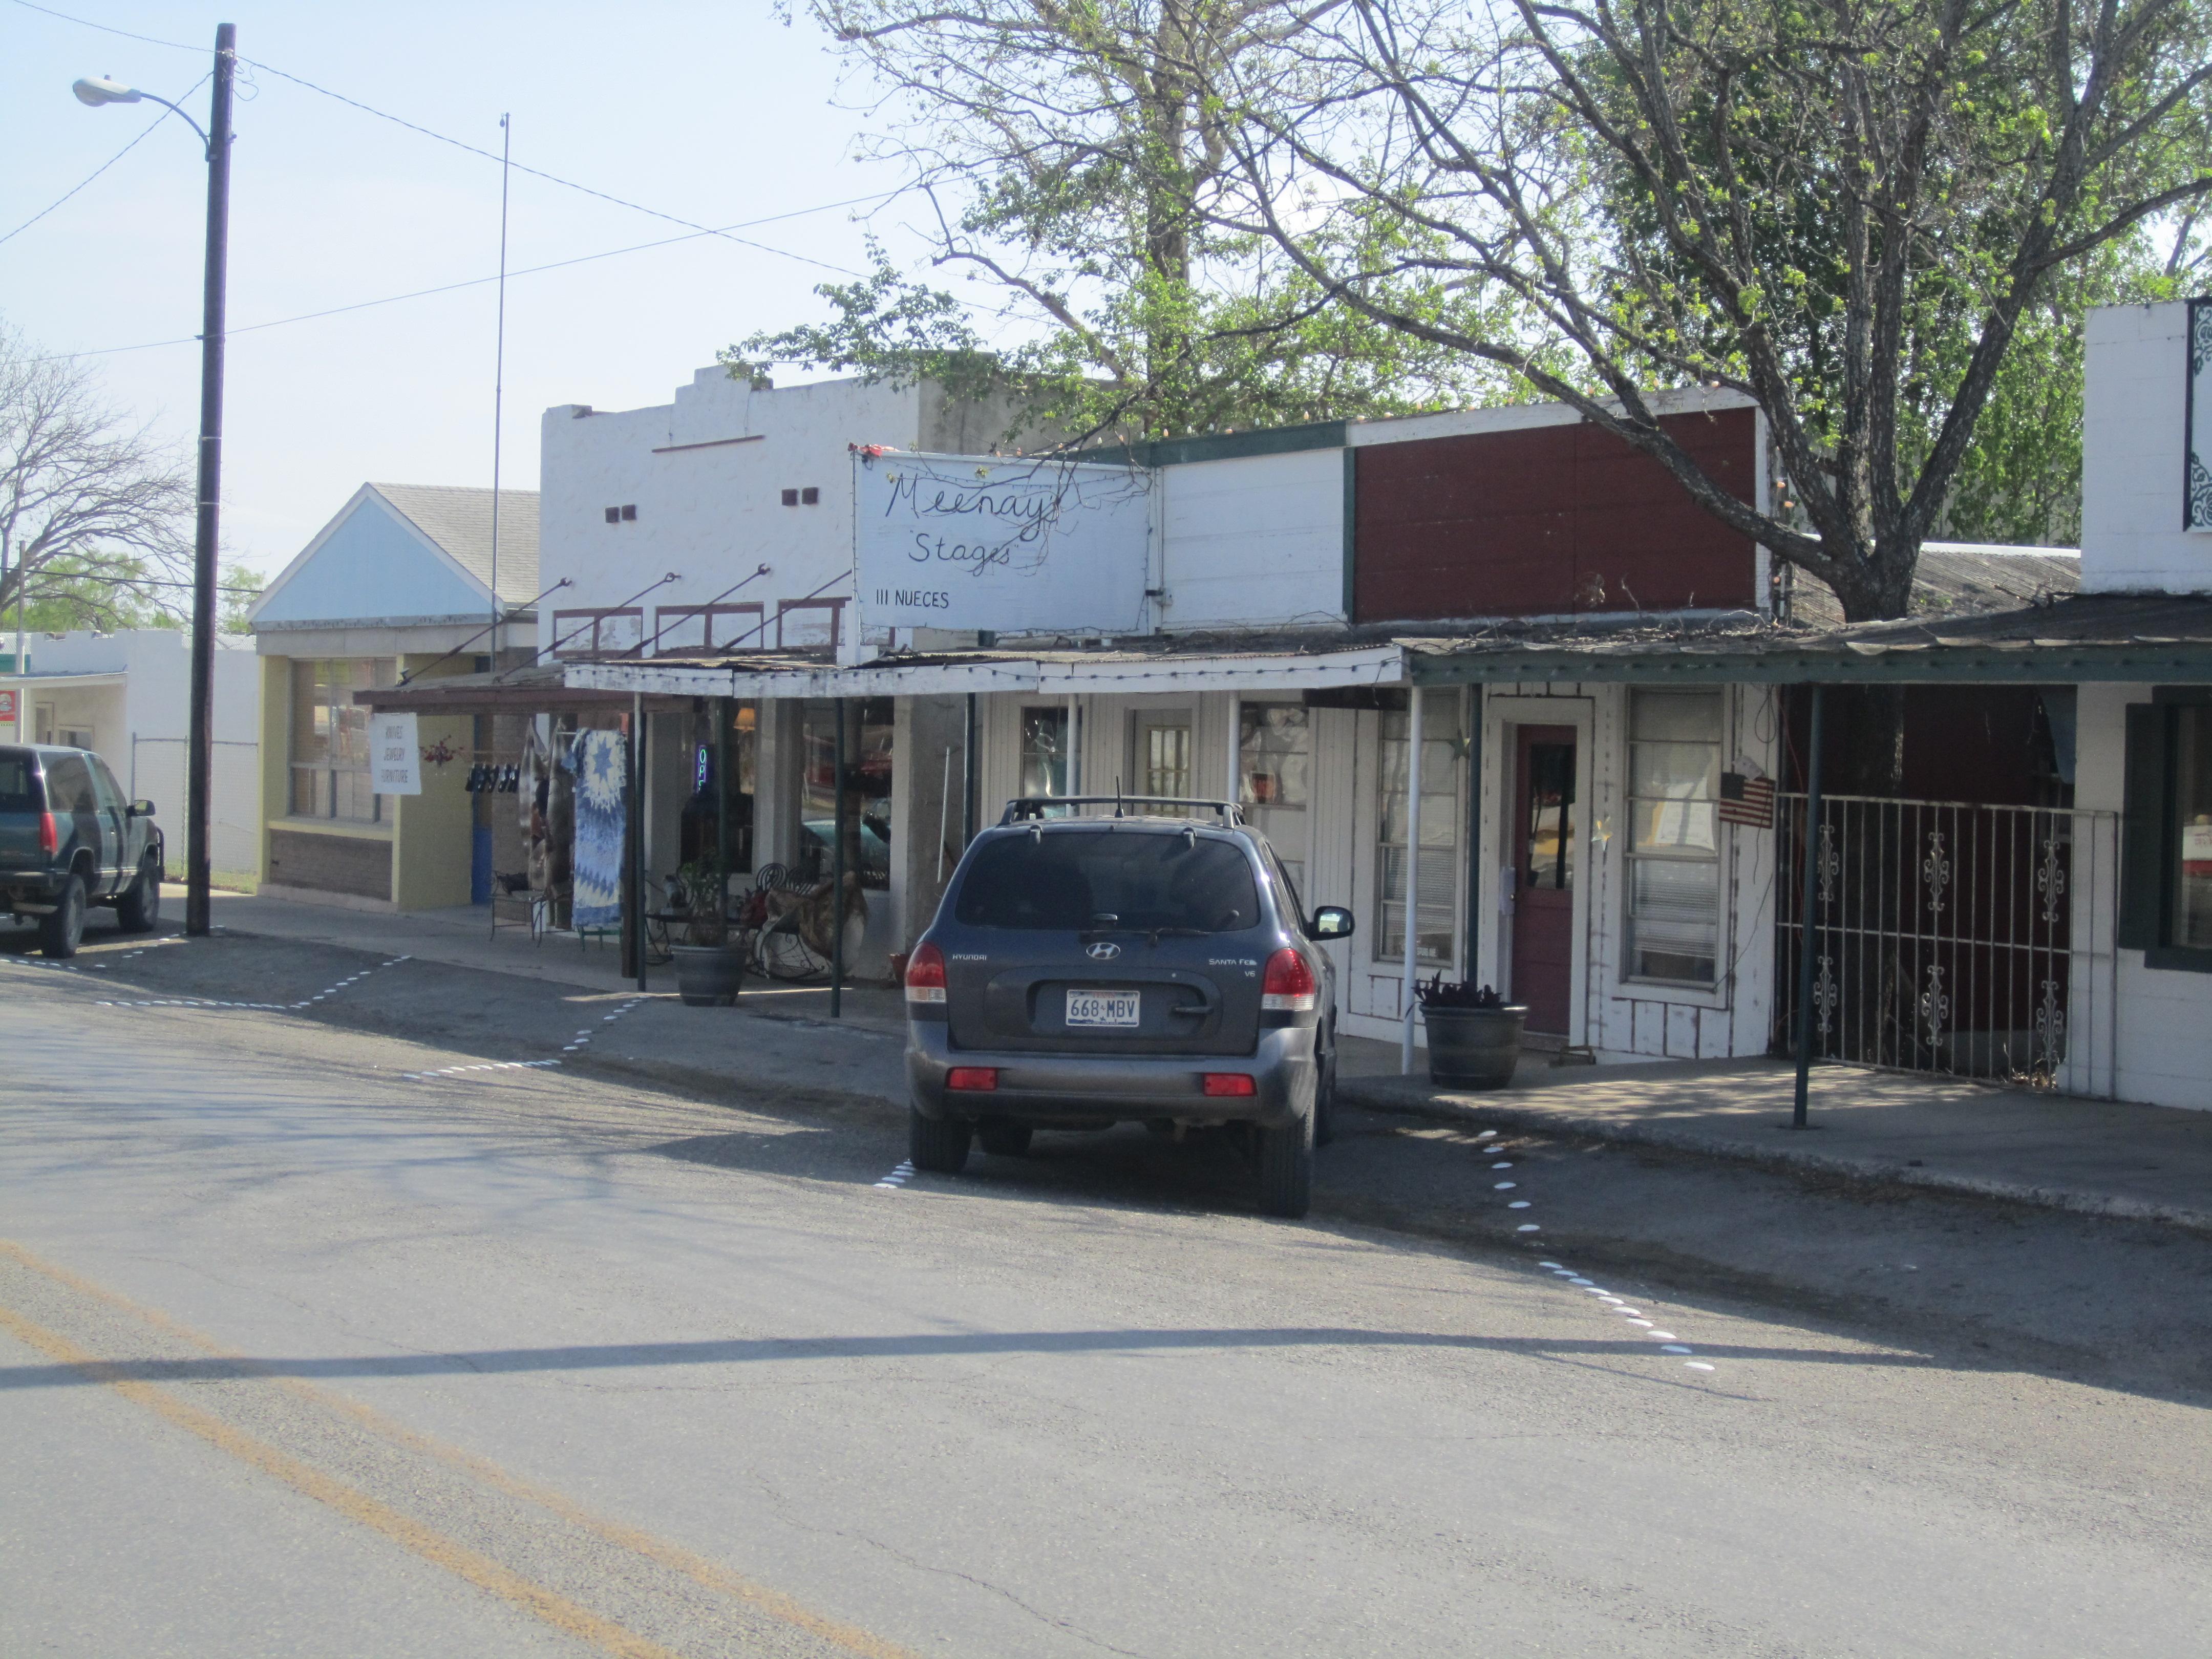 کمپ وود، تگزاس